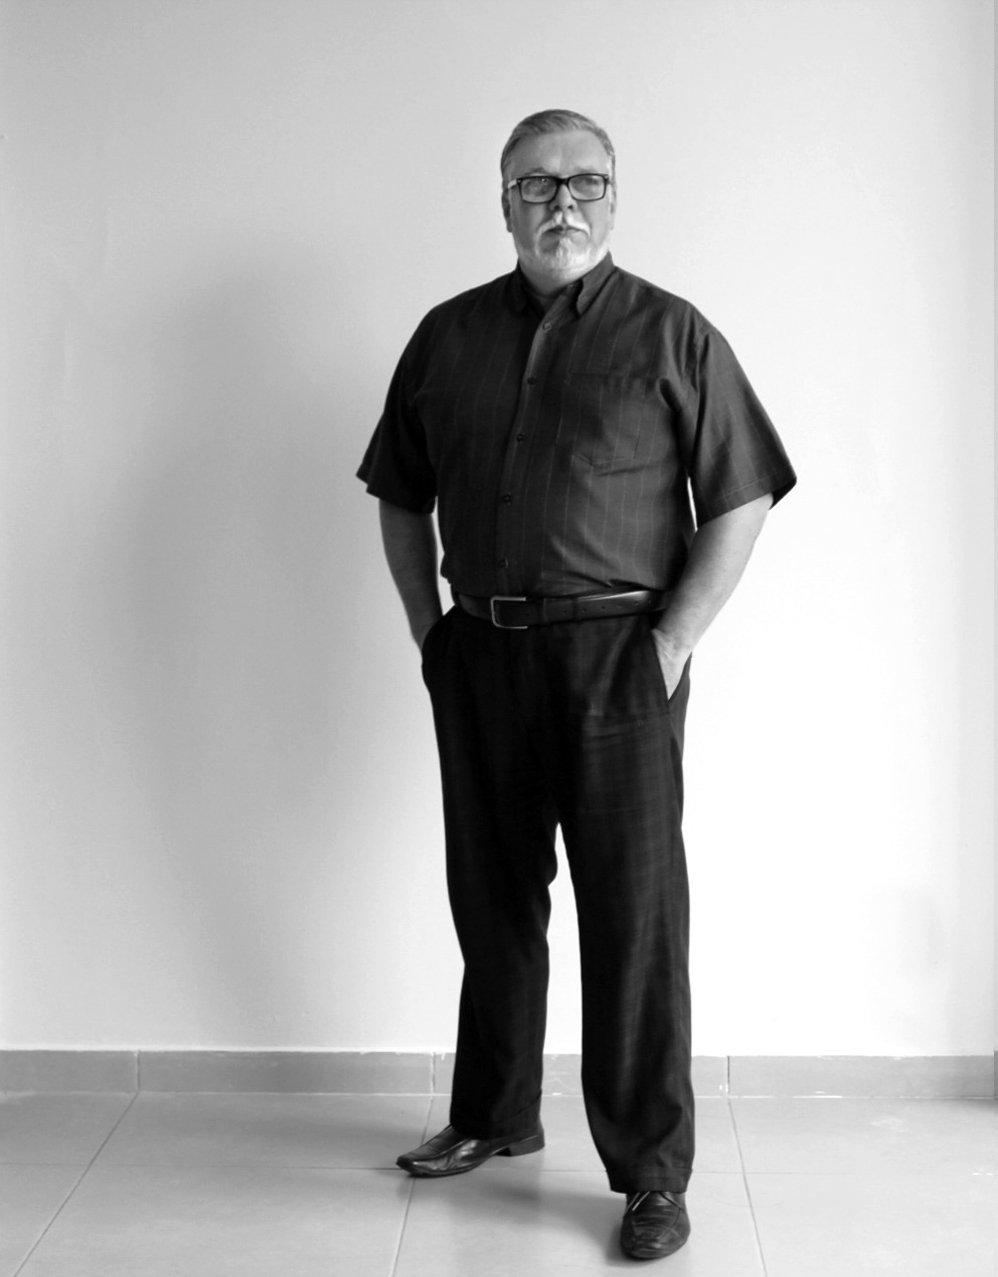 Wagner Cordeiro